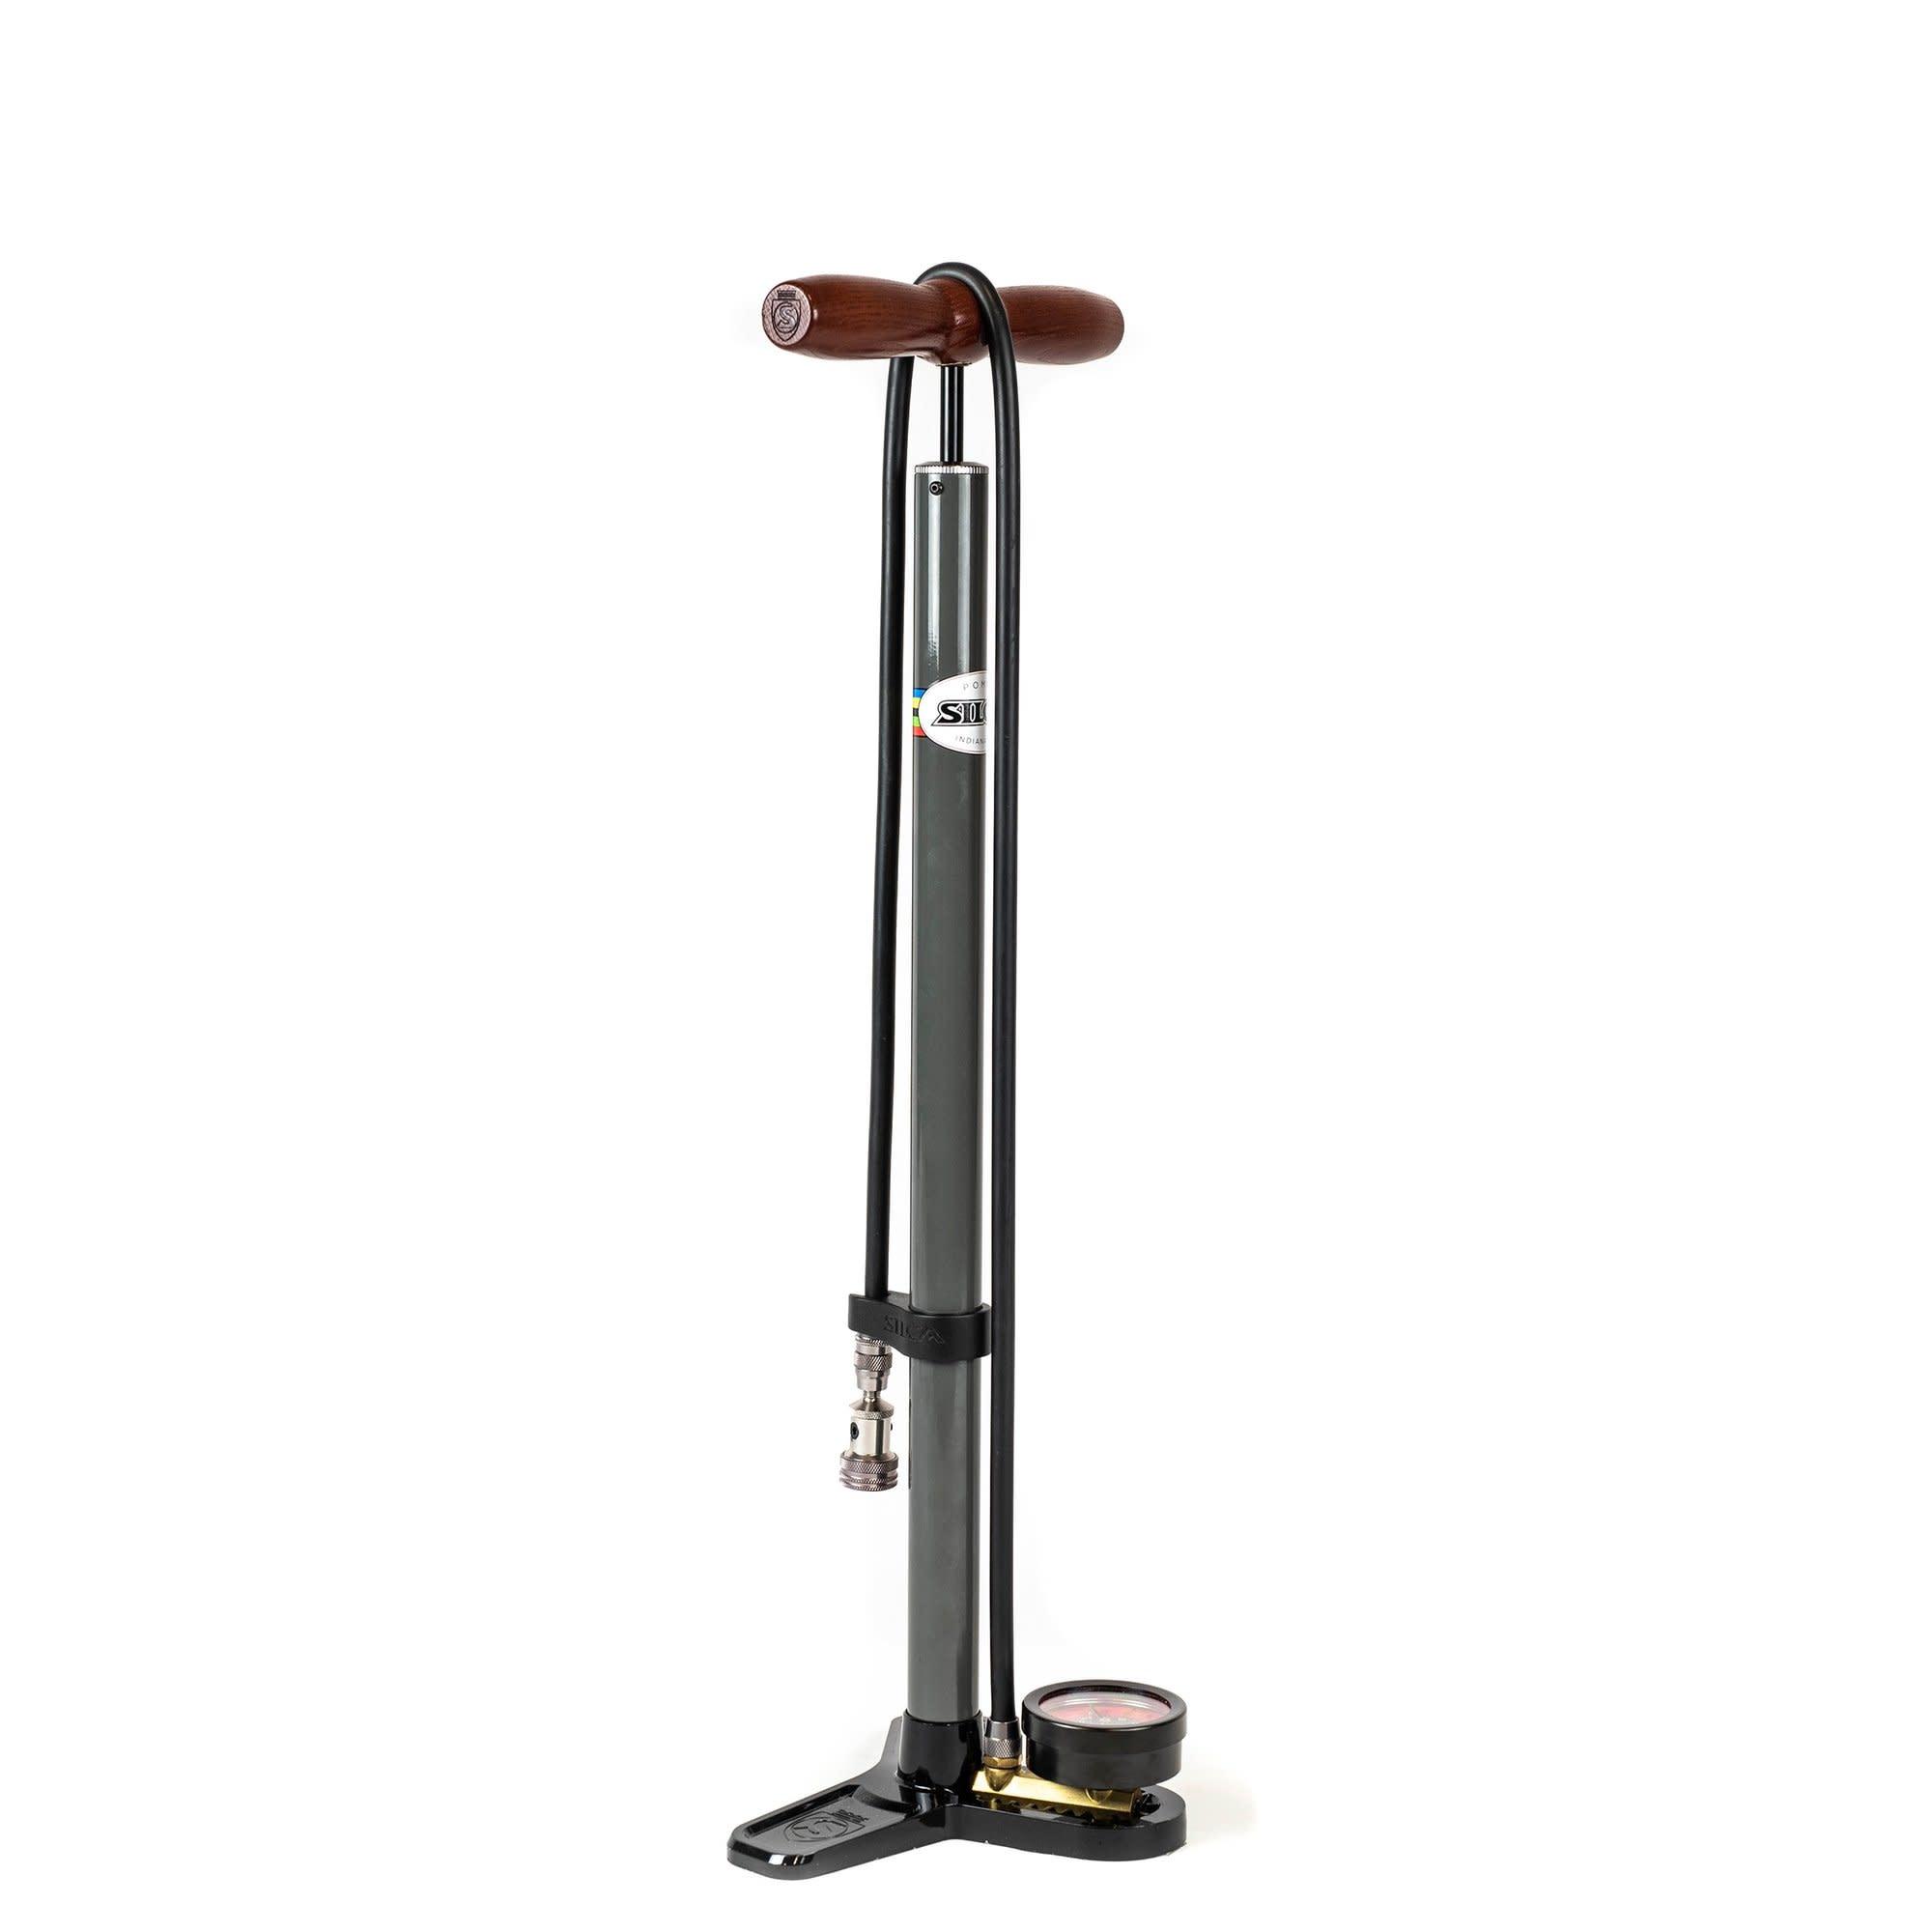 Silca Silca Pista Plus Floor Pump